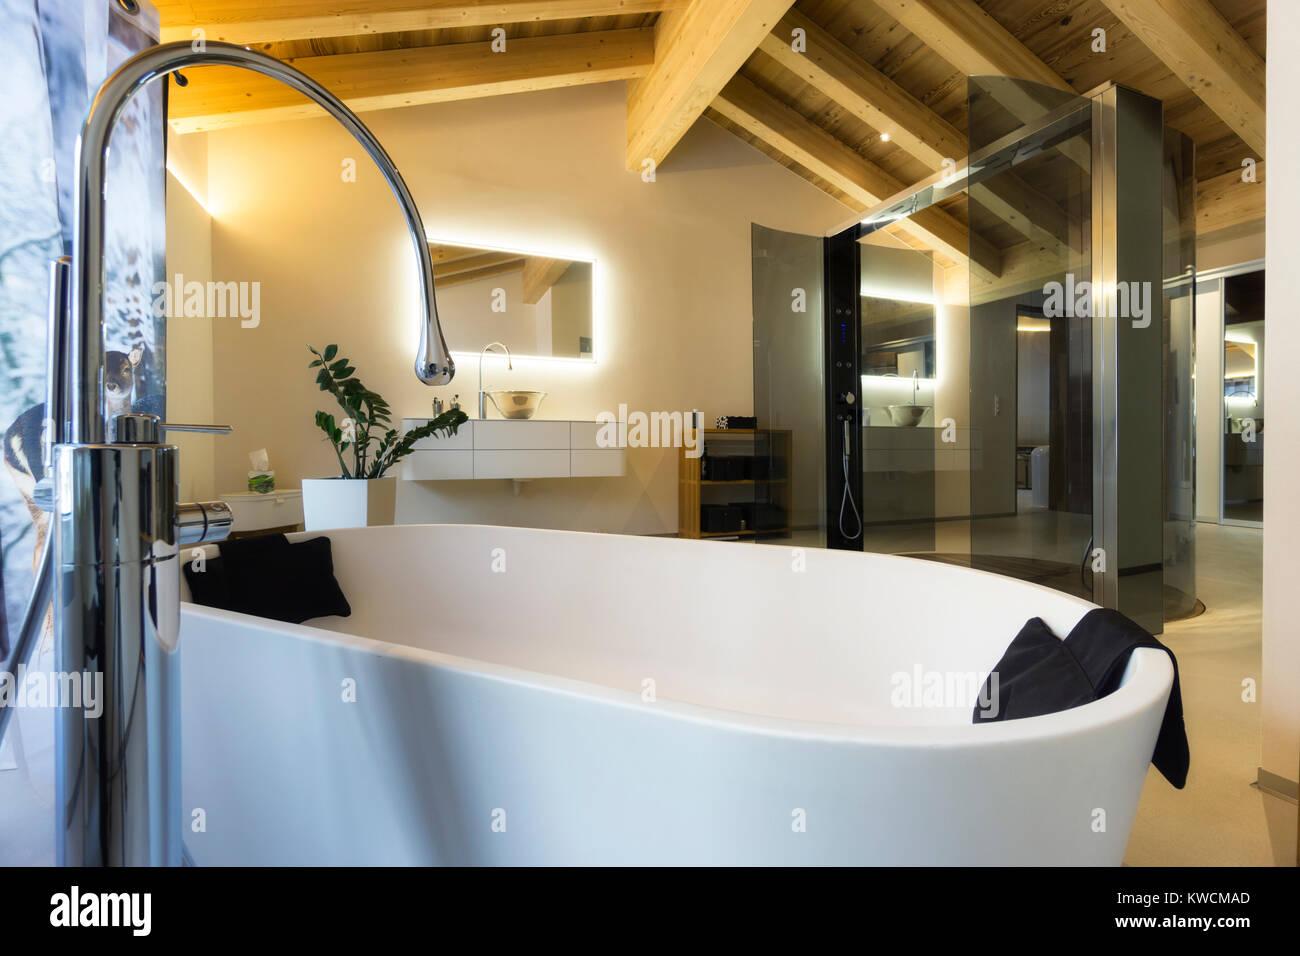 Luxuriöses Badezimmer mit Badewanne und Decke aus Holz Stockbild